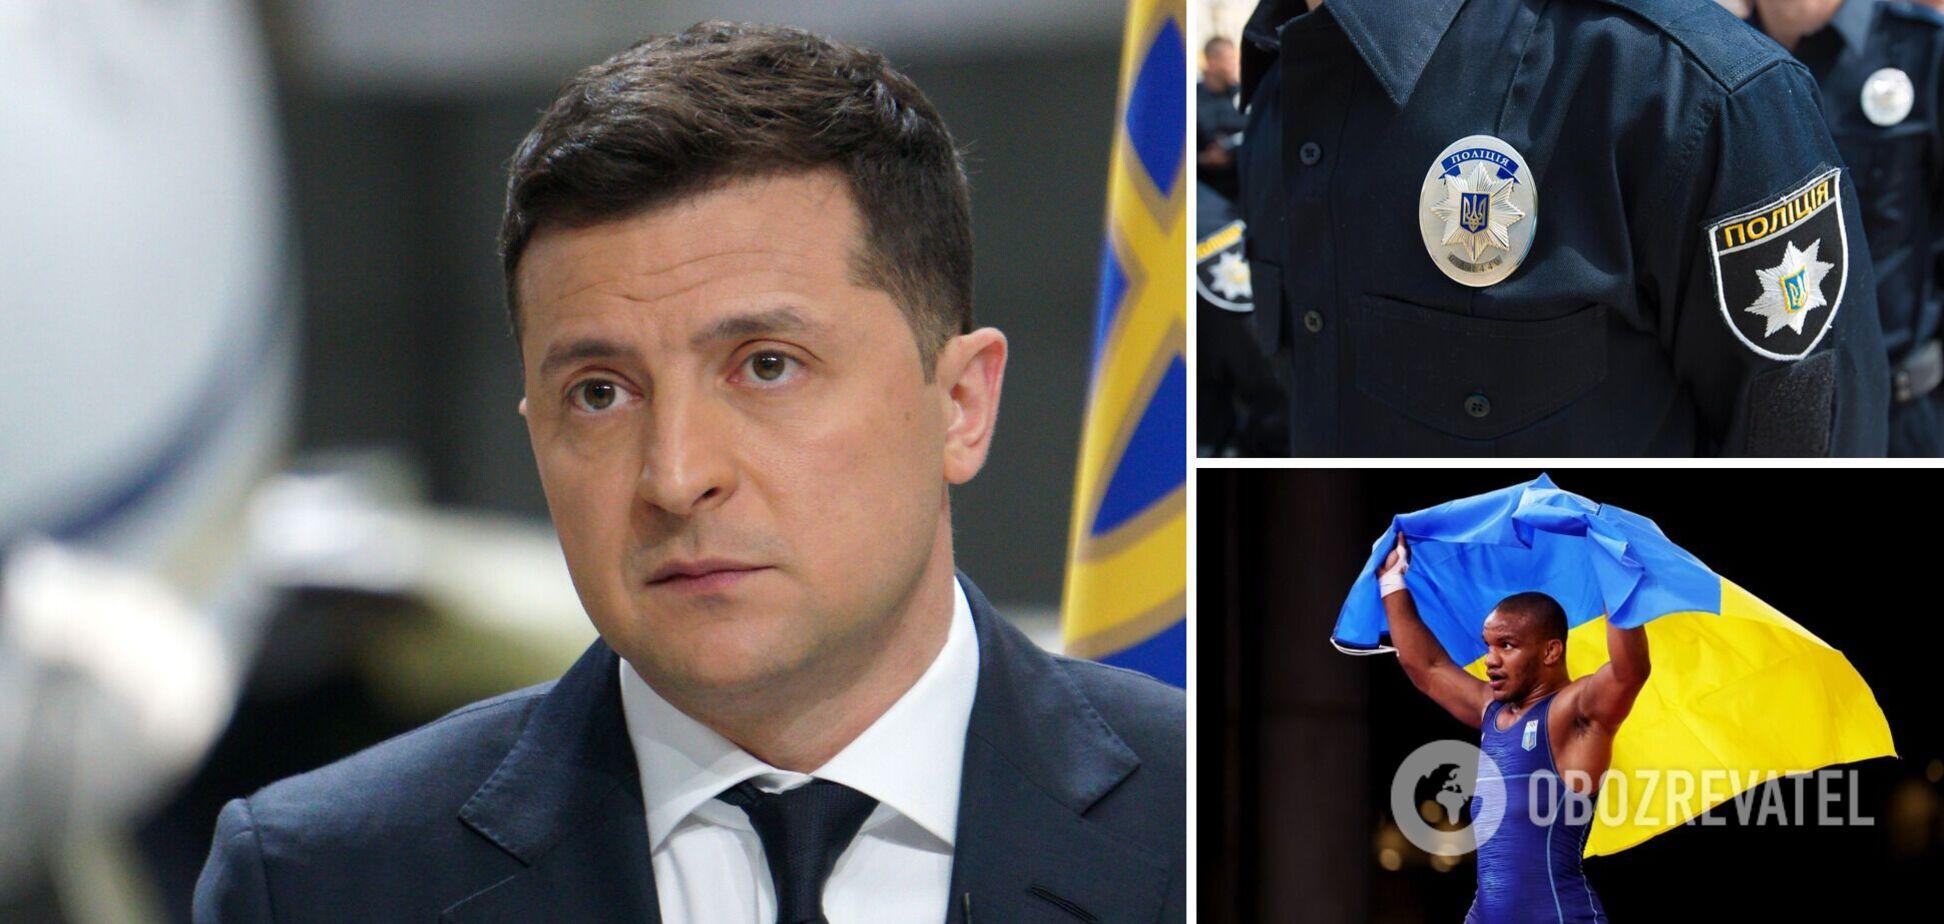 Зеленський – про напад на Беленюка: поліція має жорстко реагувати